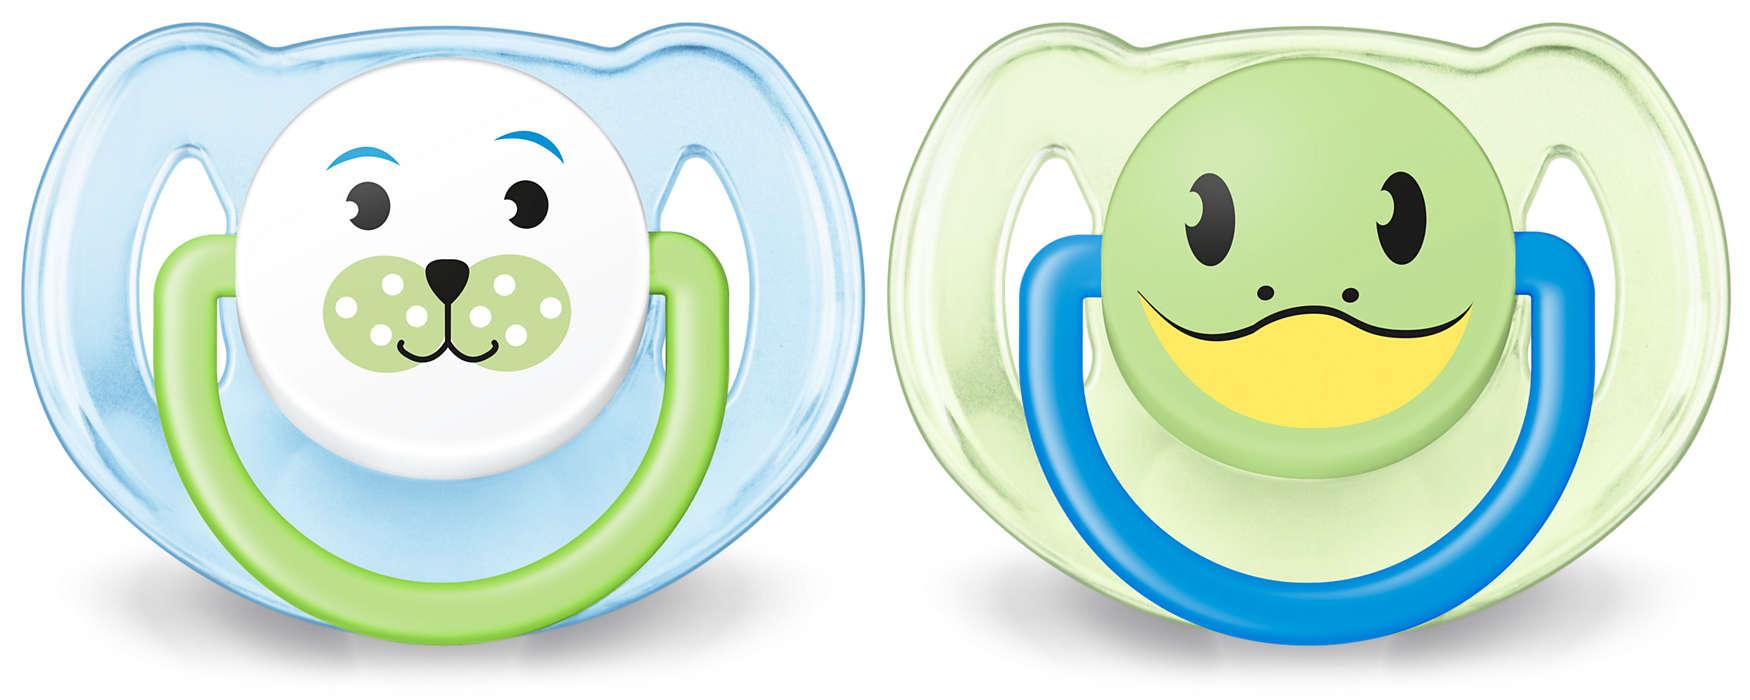 Ortodontică pentru confort maxim